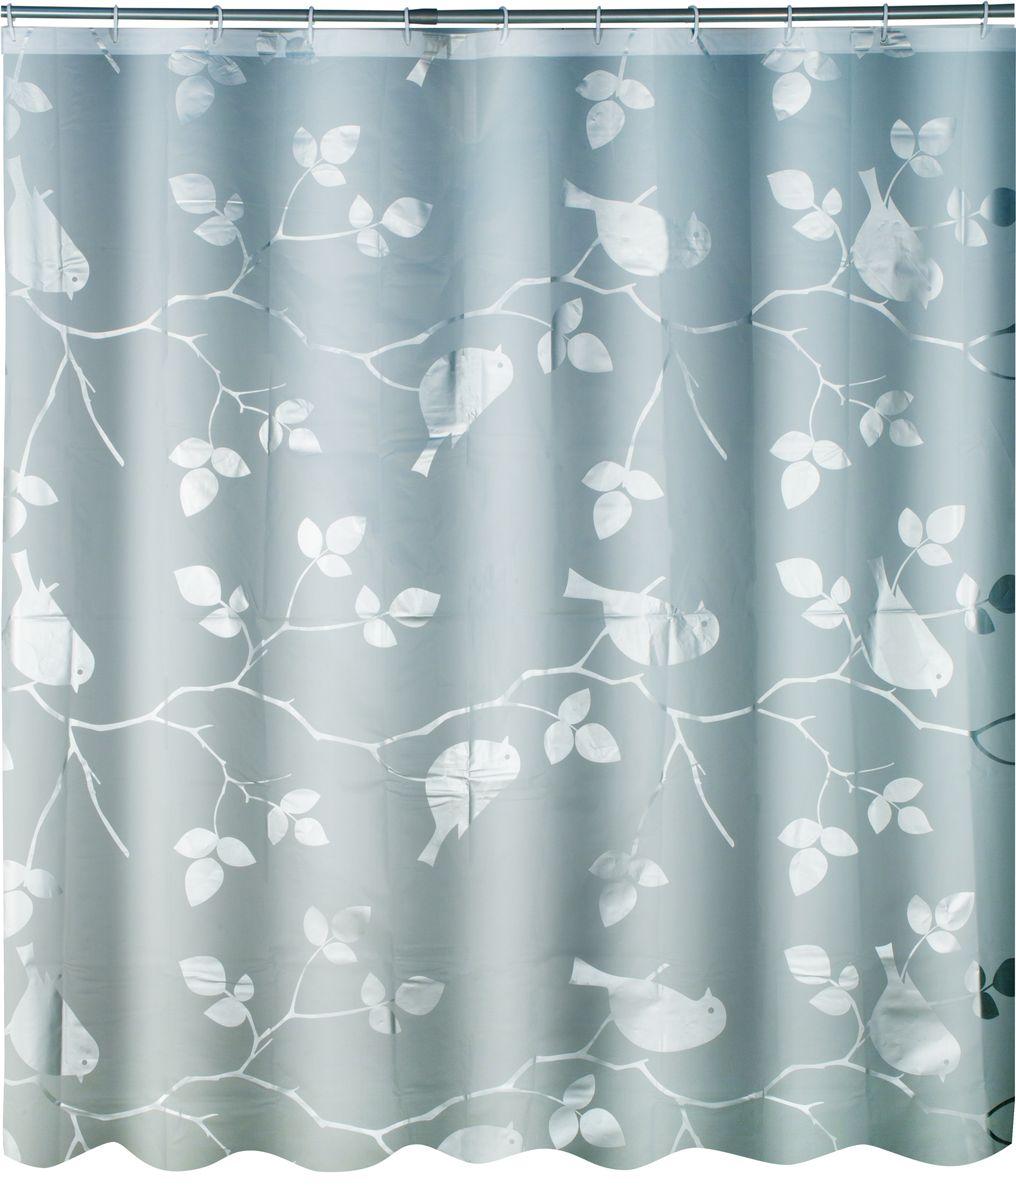 Штора для ванной Swensa Birds, цвет: серый, 180 х 180 смUP210DFШтора выполненна из такого материала как ПЕВА и EVA (вспененный этиленвинилацетат) и оформлена оригинальным рисунком. Она надежно защитит от брызг и капель пространство вашей ванной комнаты в то время, пока вы принимаете душ. В верхней кромке шторы предусмотрены отверстия для пластиковых колец, которые входят в комплект.Количество колец: 12 шт.